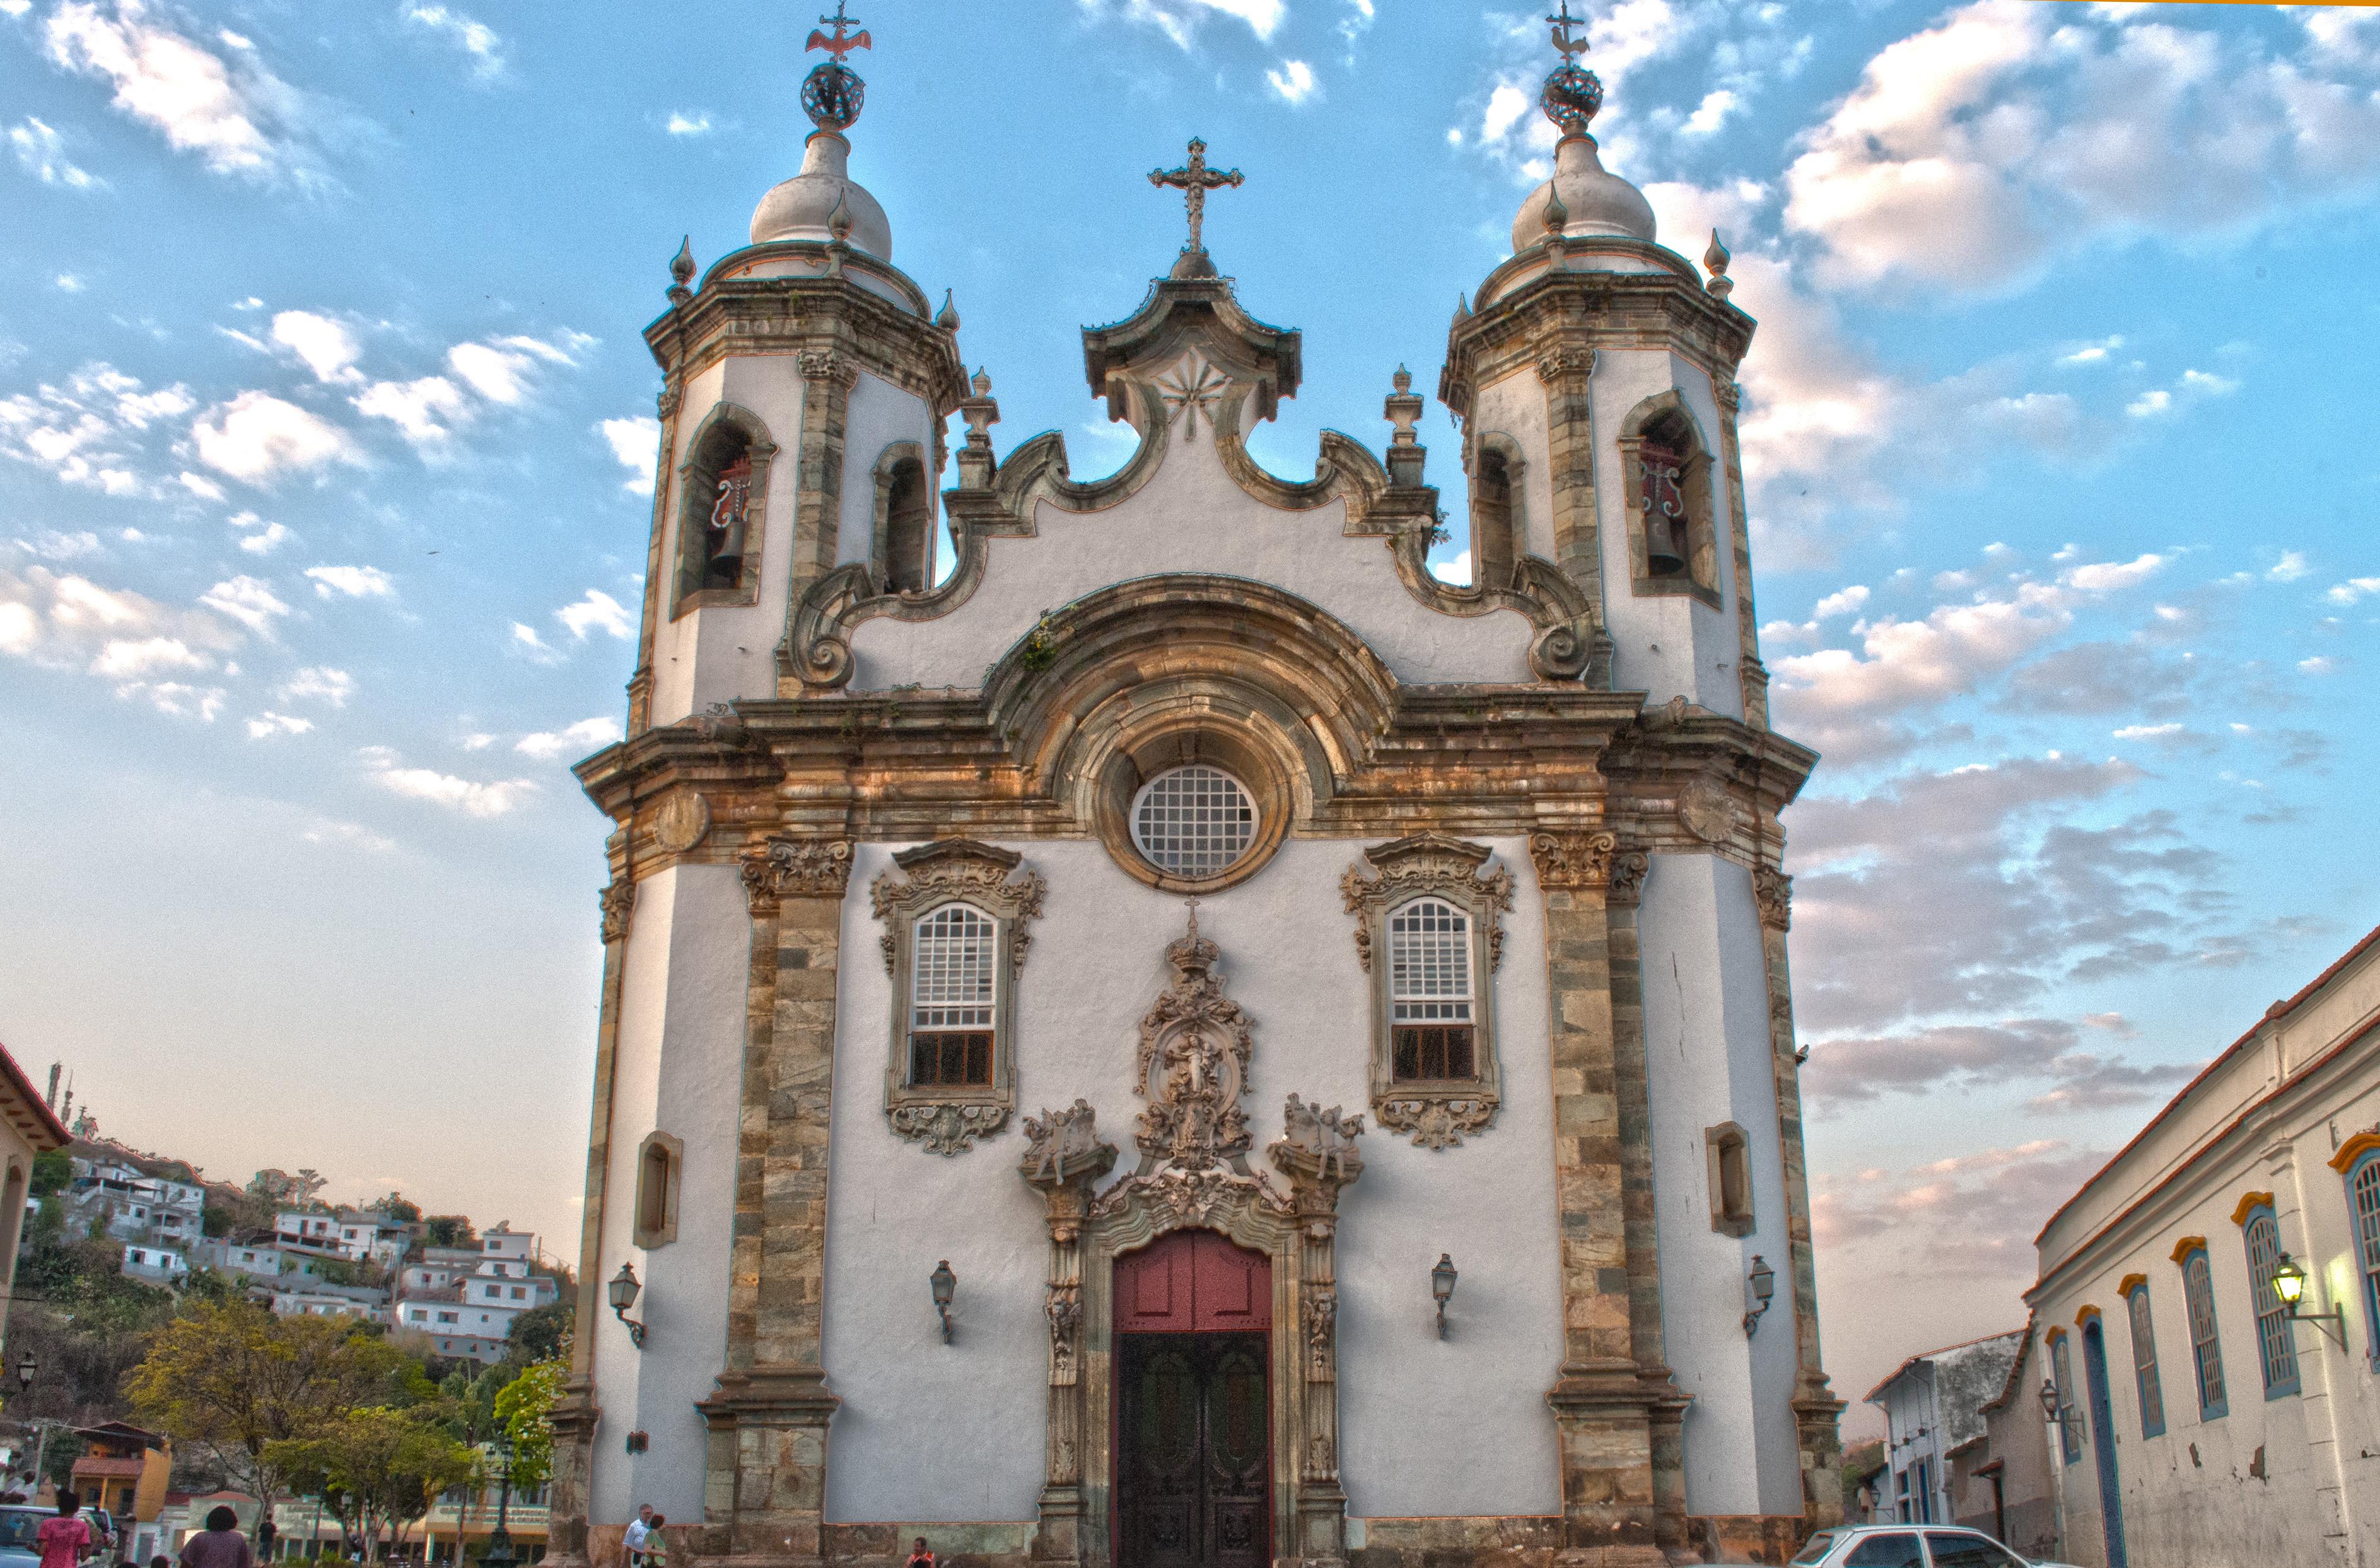 Igreja do Carmo - HDR - 3 by ivanicska